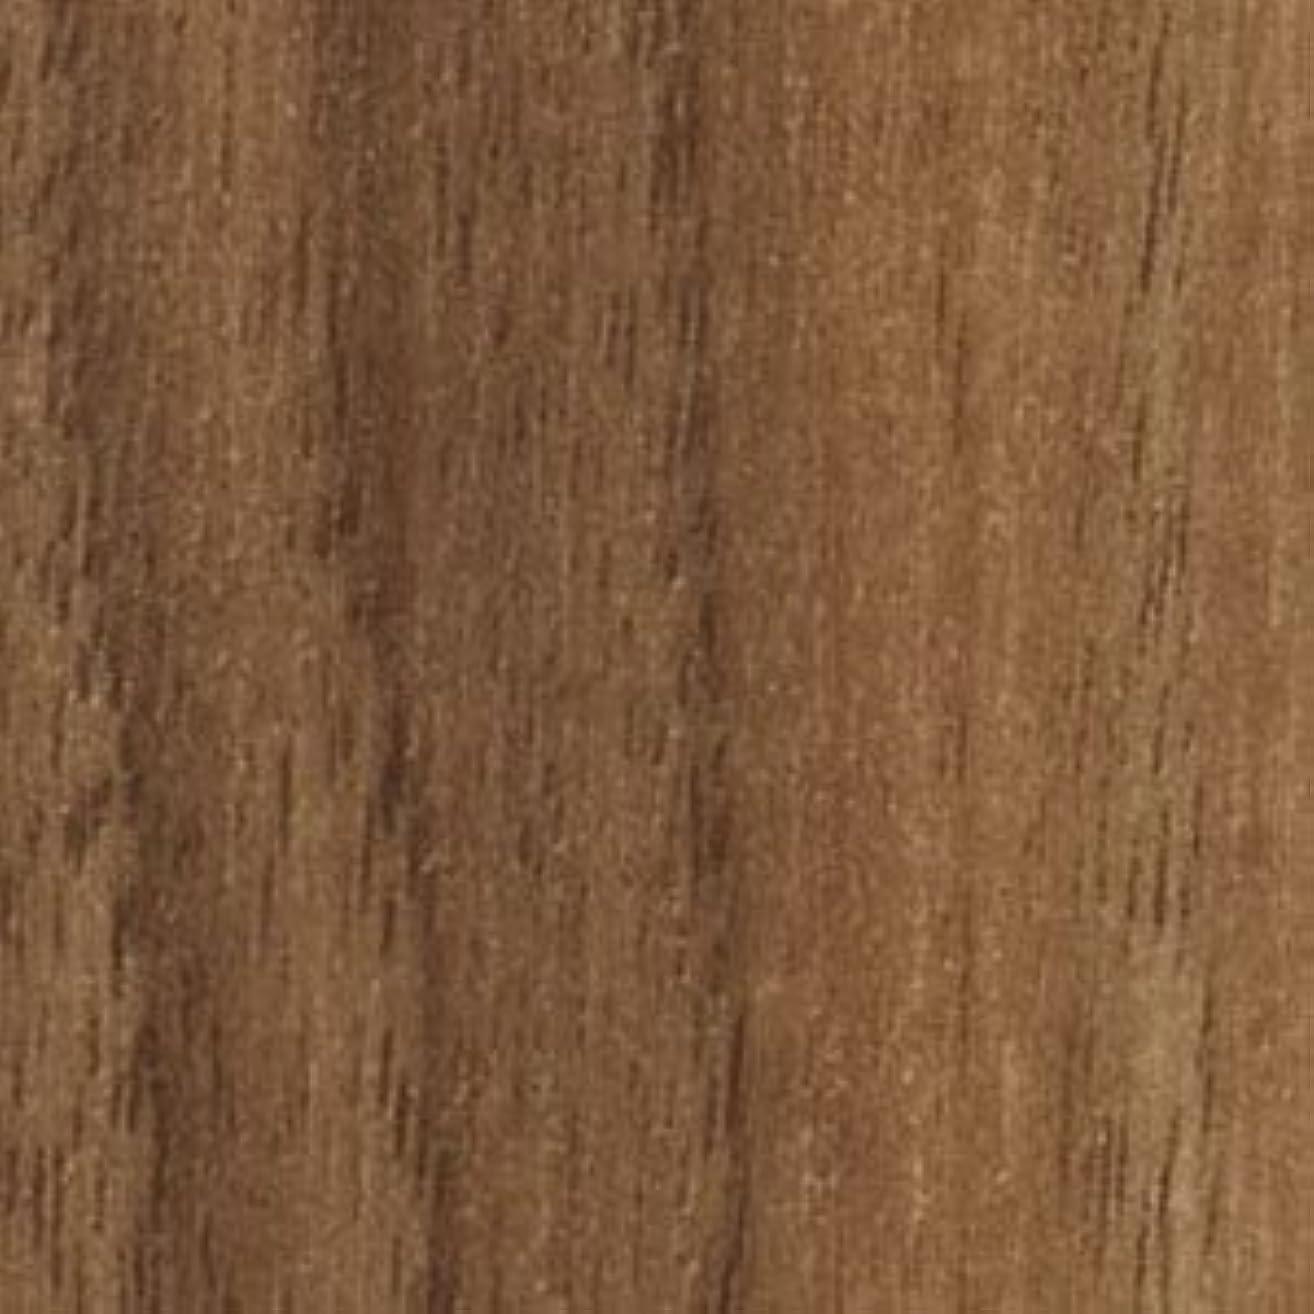 邪魔するキャッチできれば住宅用クッションフロア サンゲツ Hフロア ウッドウォルナット板巾約10.1㎝ HM-1036(HM-6036)(長さ1m x 注文数)